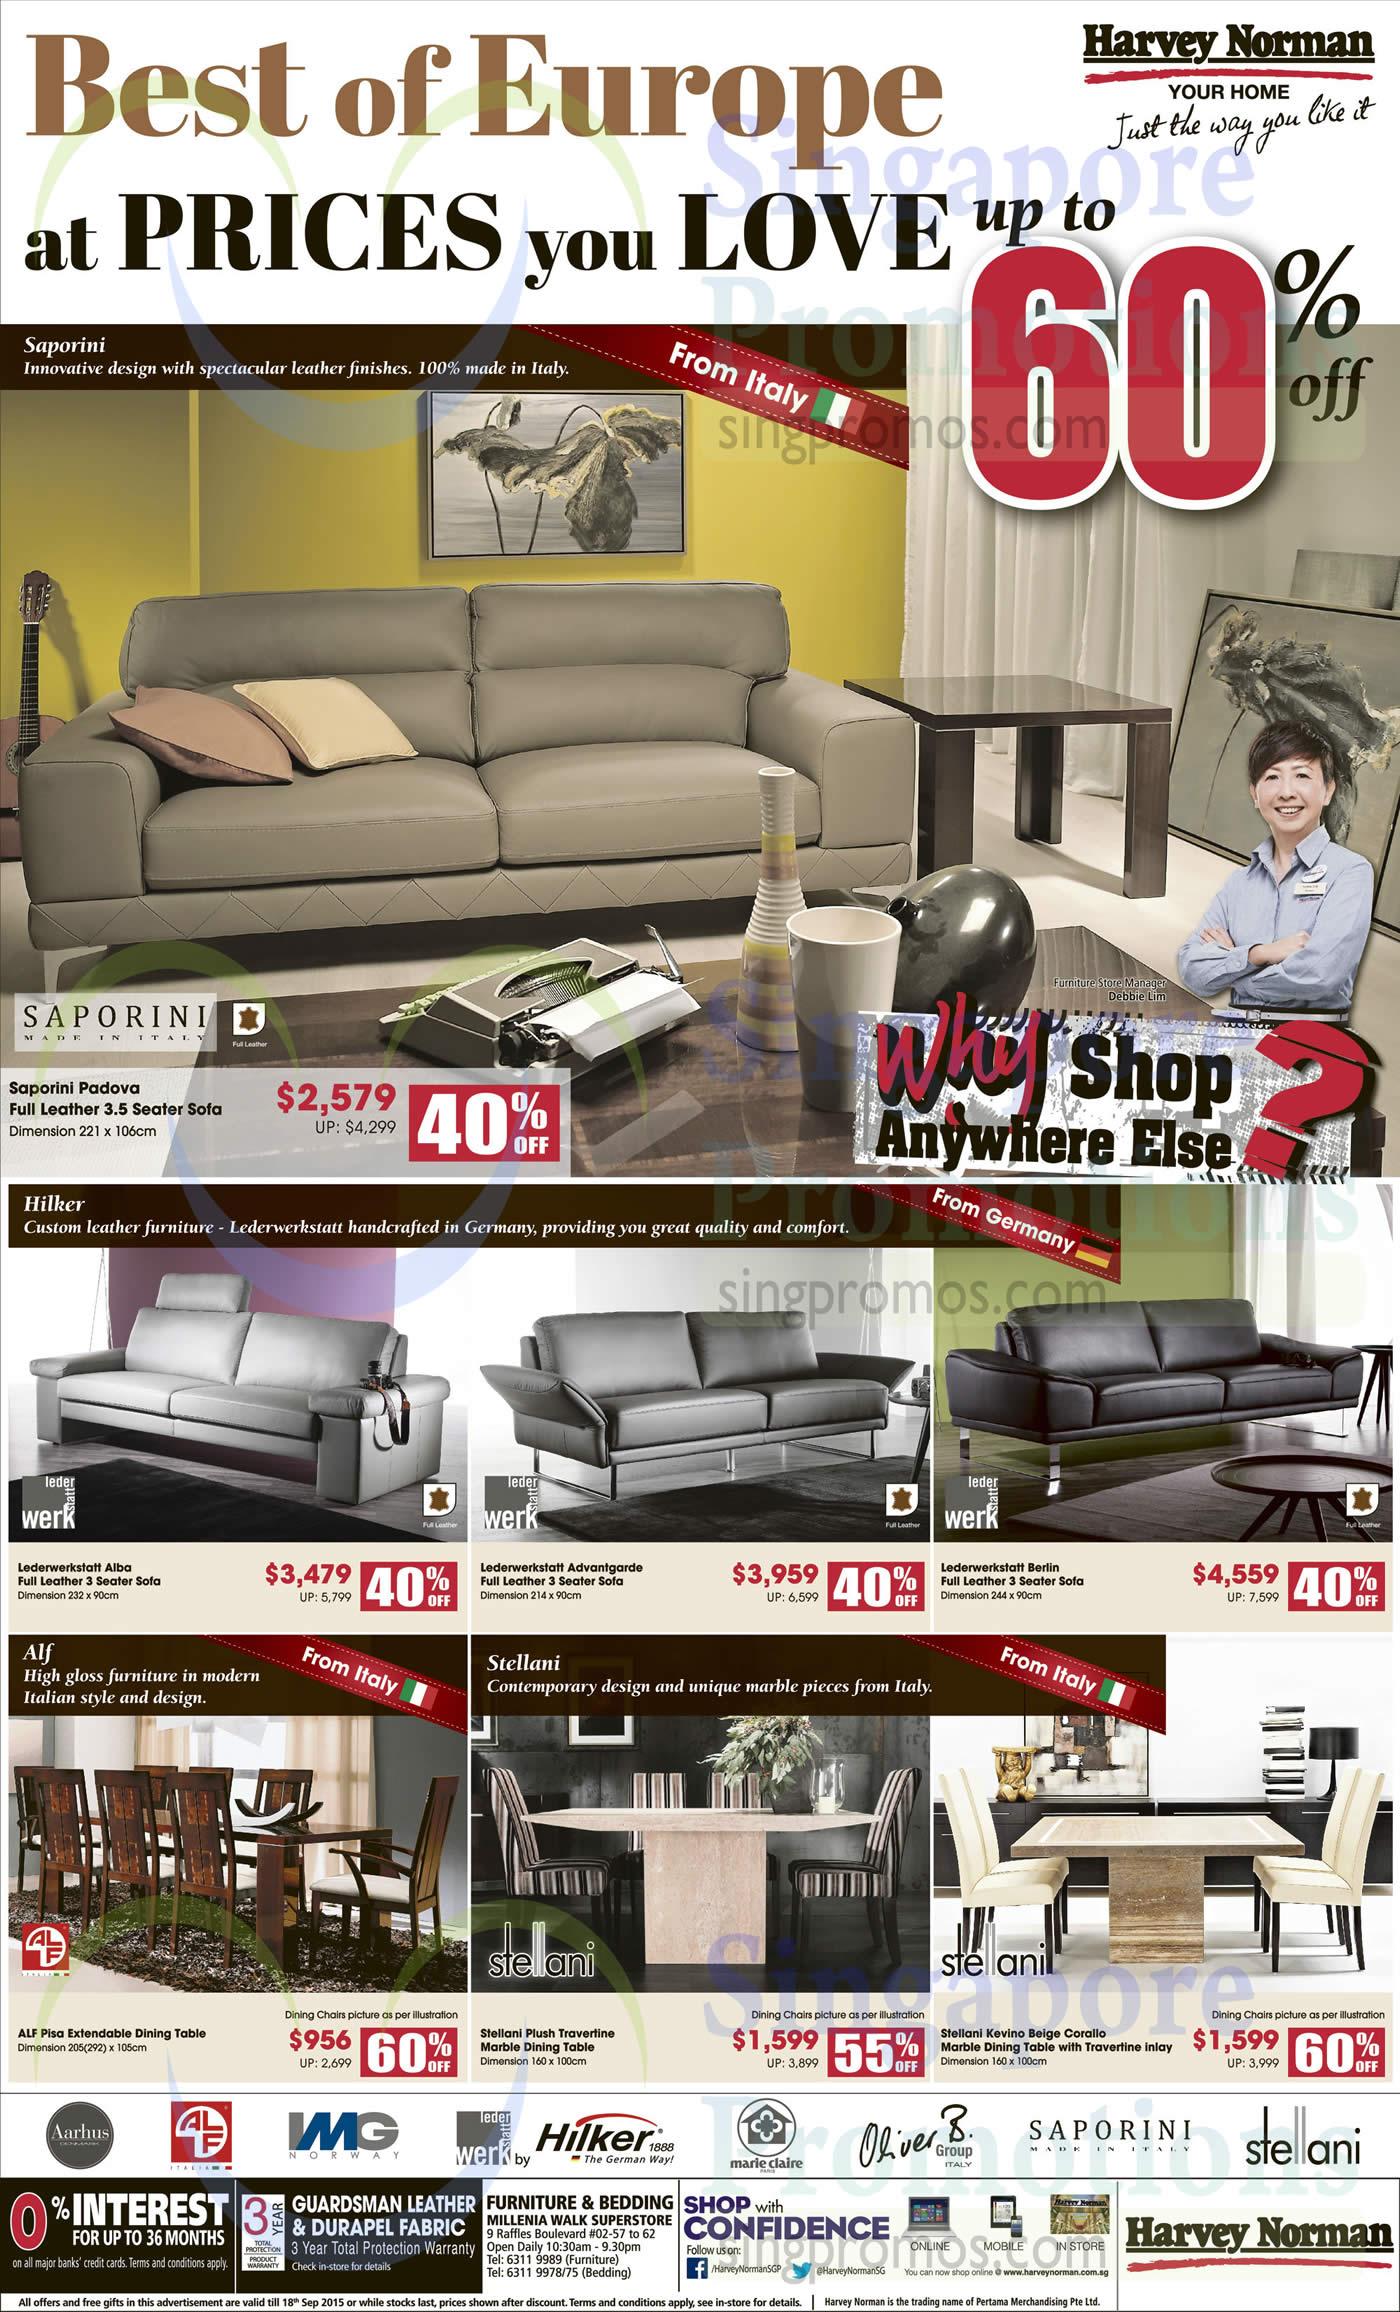 Furniture, Dining Tables, Sofas, Aarhus, Alf, IMG, Lederwerkstatt By Hilker, Marie Claire ...